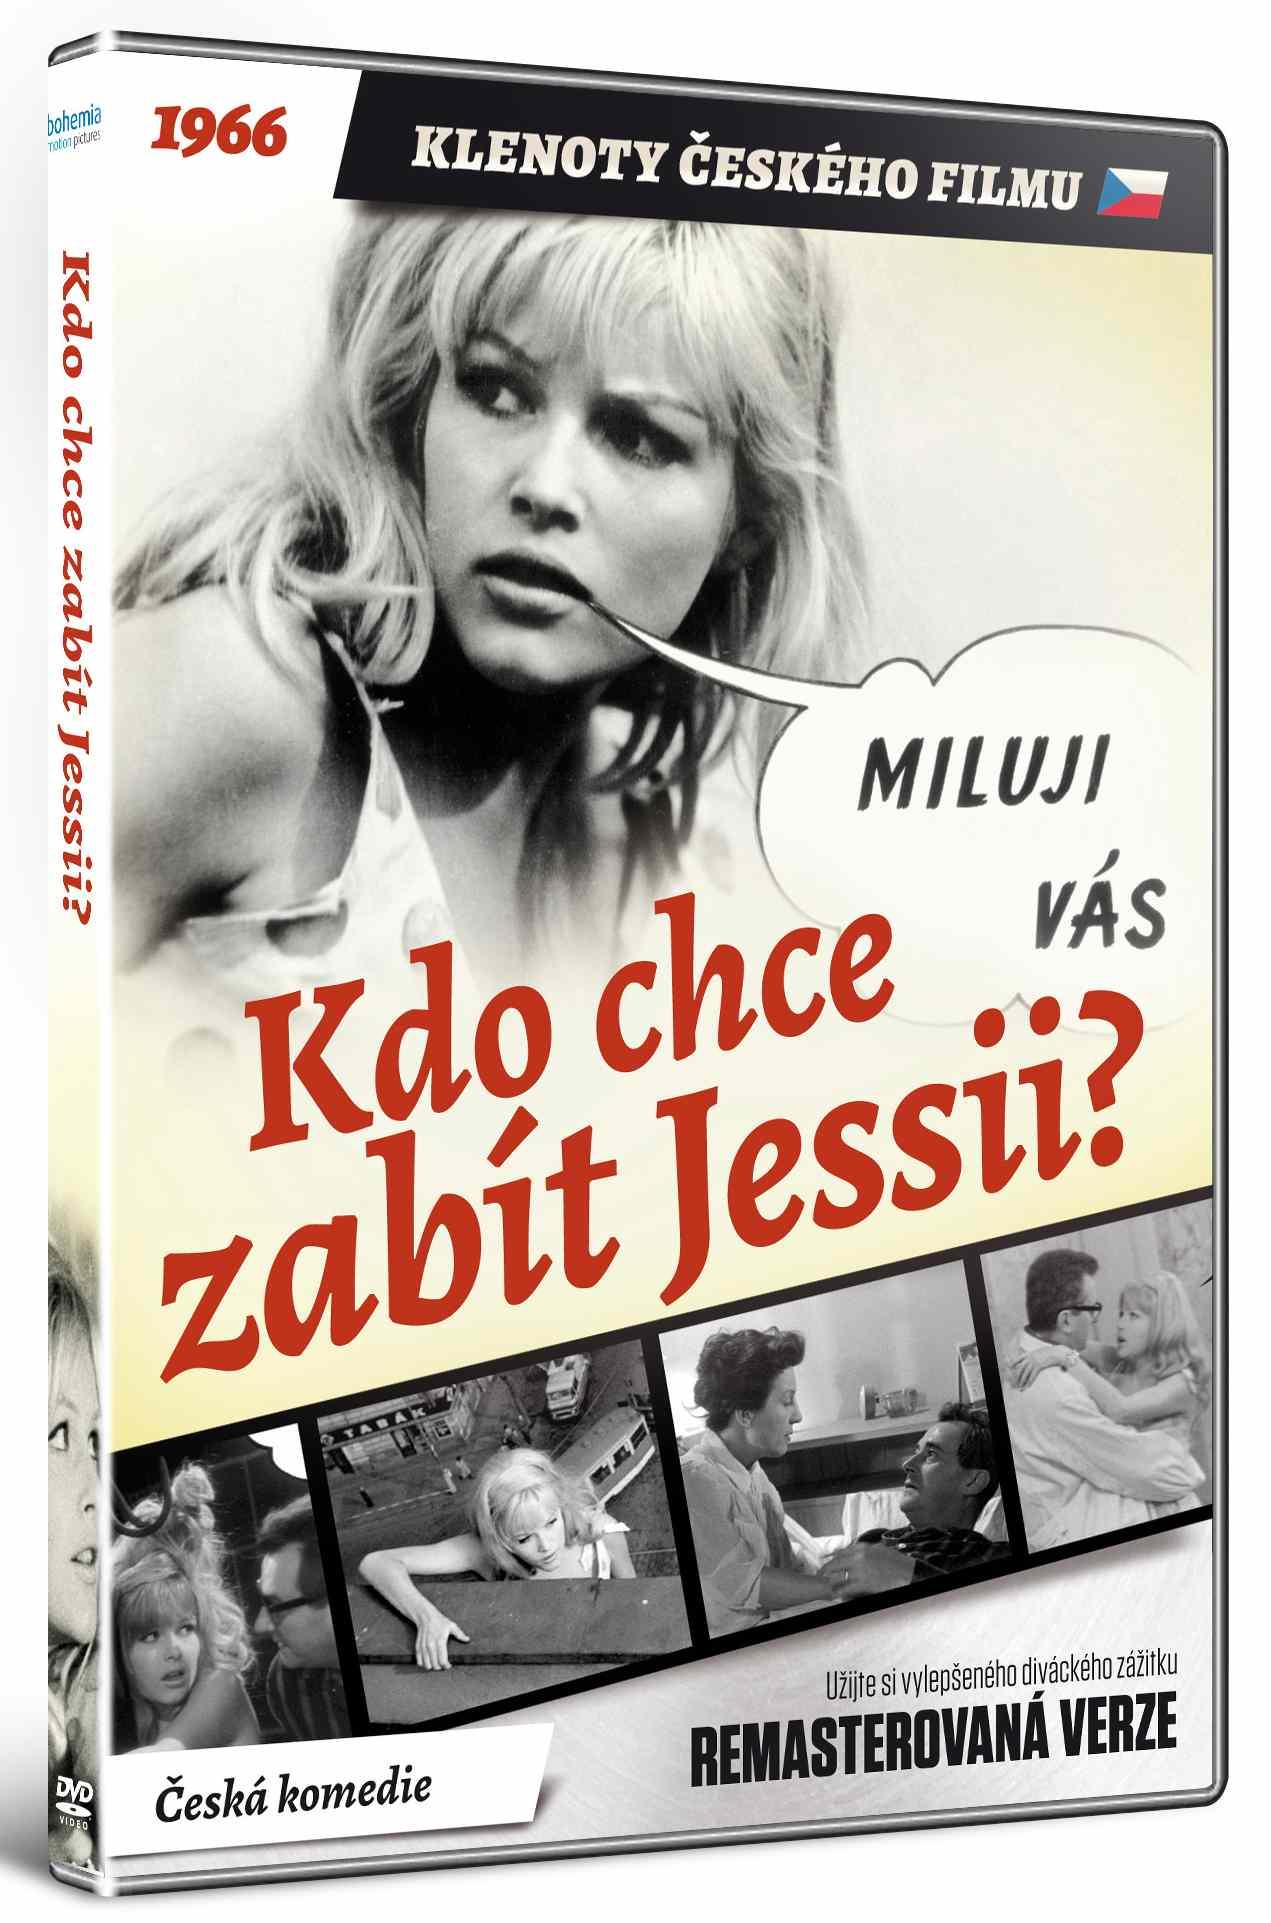 KDO CHCE ZABÍT JESSII (Remasterovaná verze) - DVD